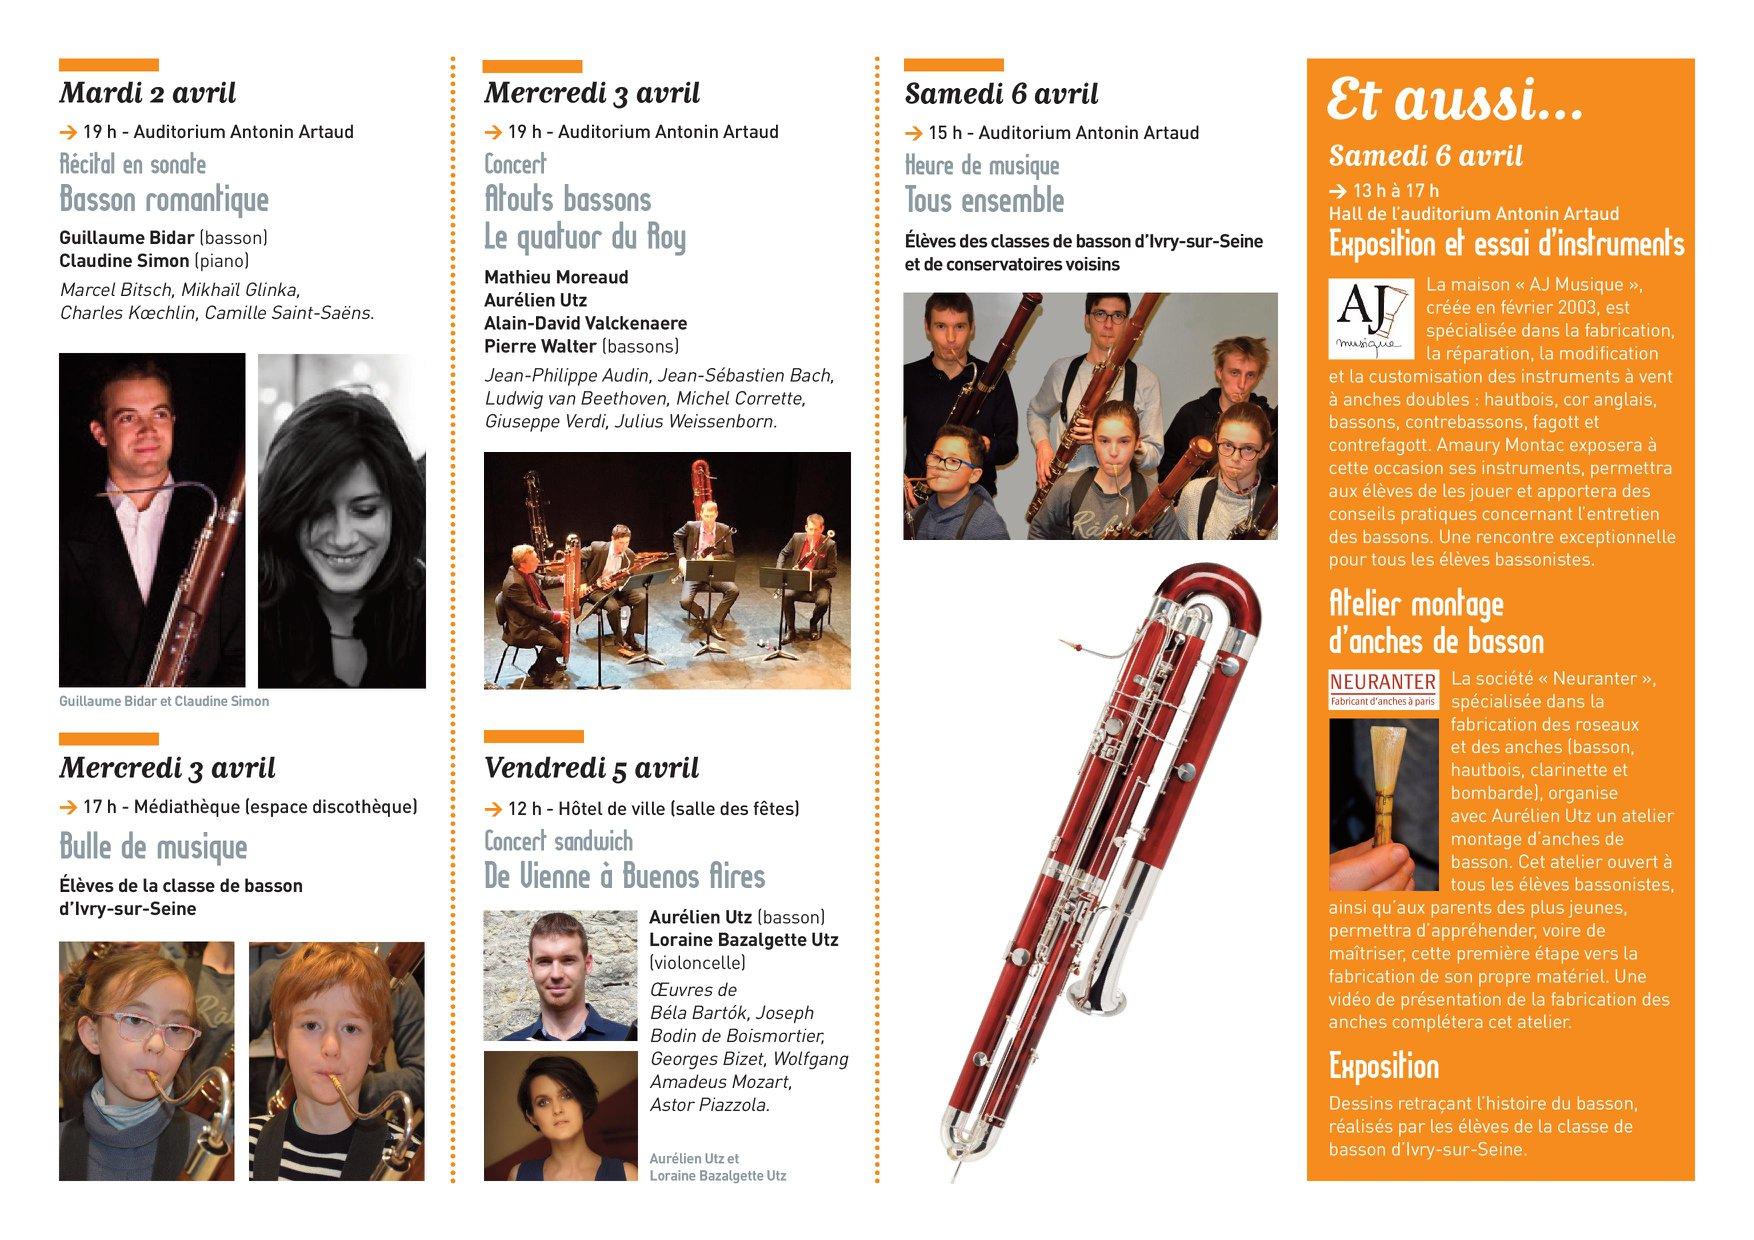 Semaine du basson à Ivry-sur-Seine du 2 au 6 avril.